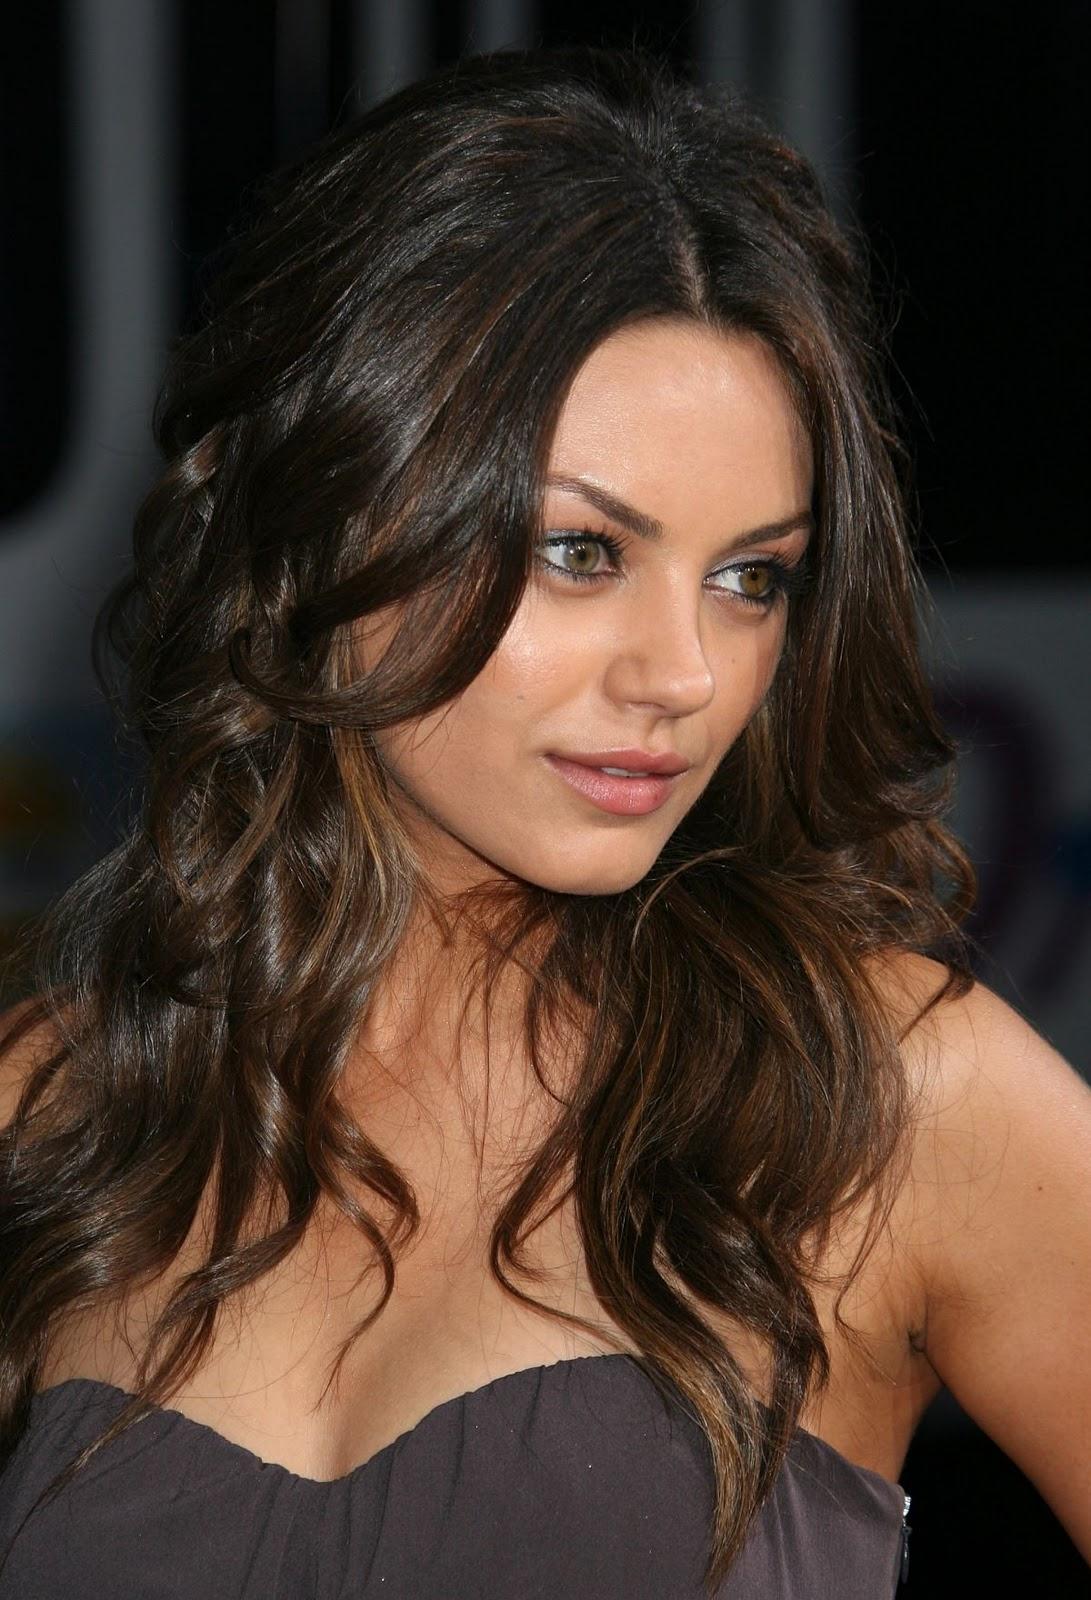 http://1.bp.blogspot.com/-GpG10HDdA78/Ttjwb_TczGI/AAAAAAAAFSo/o8QsKTl9zwY/s1600/mila-kunis-hot-sexy.jpg